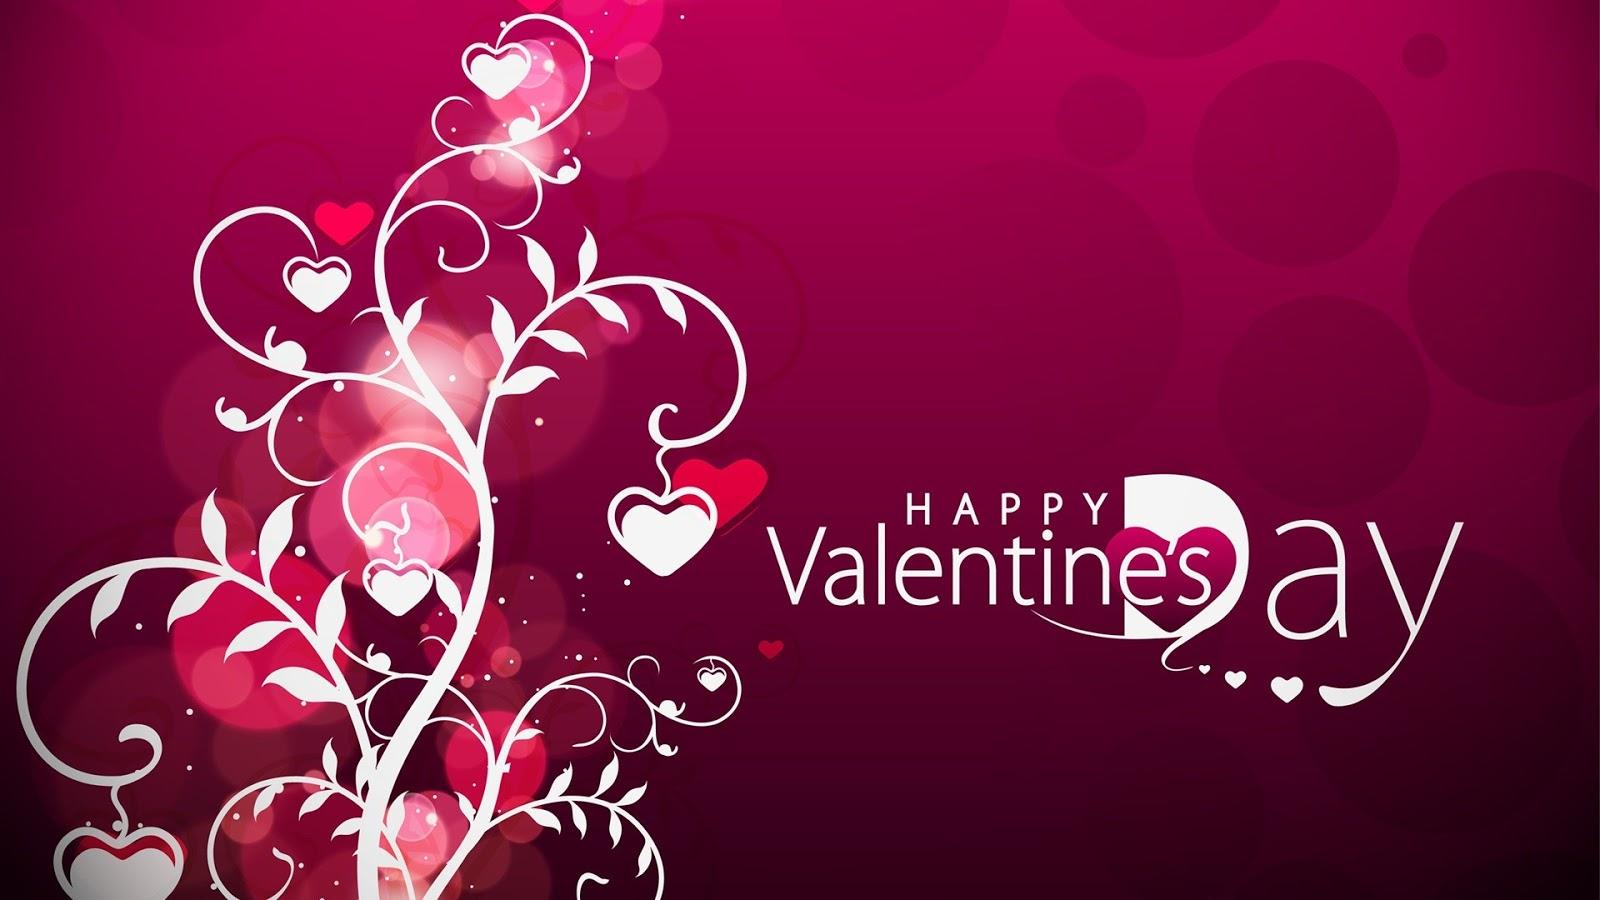 happy valentines day - photo #25